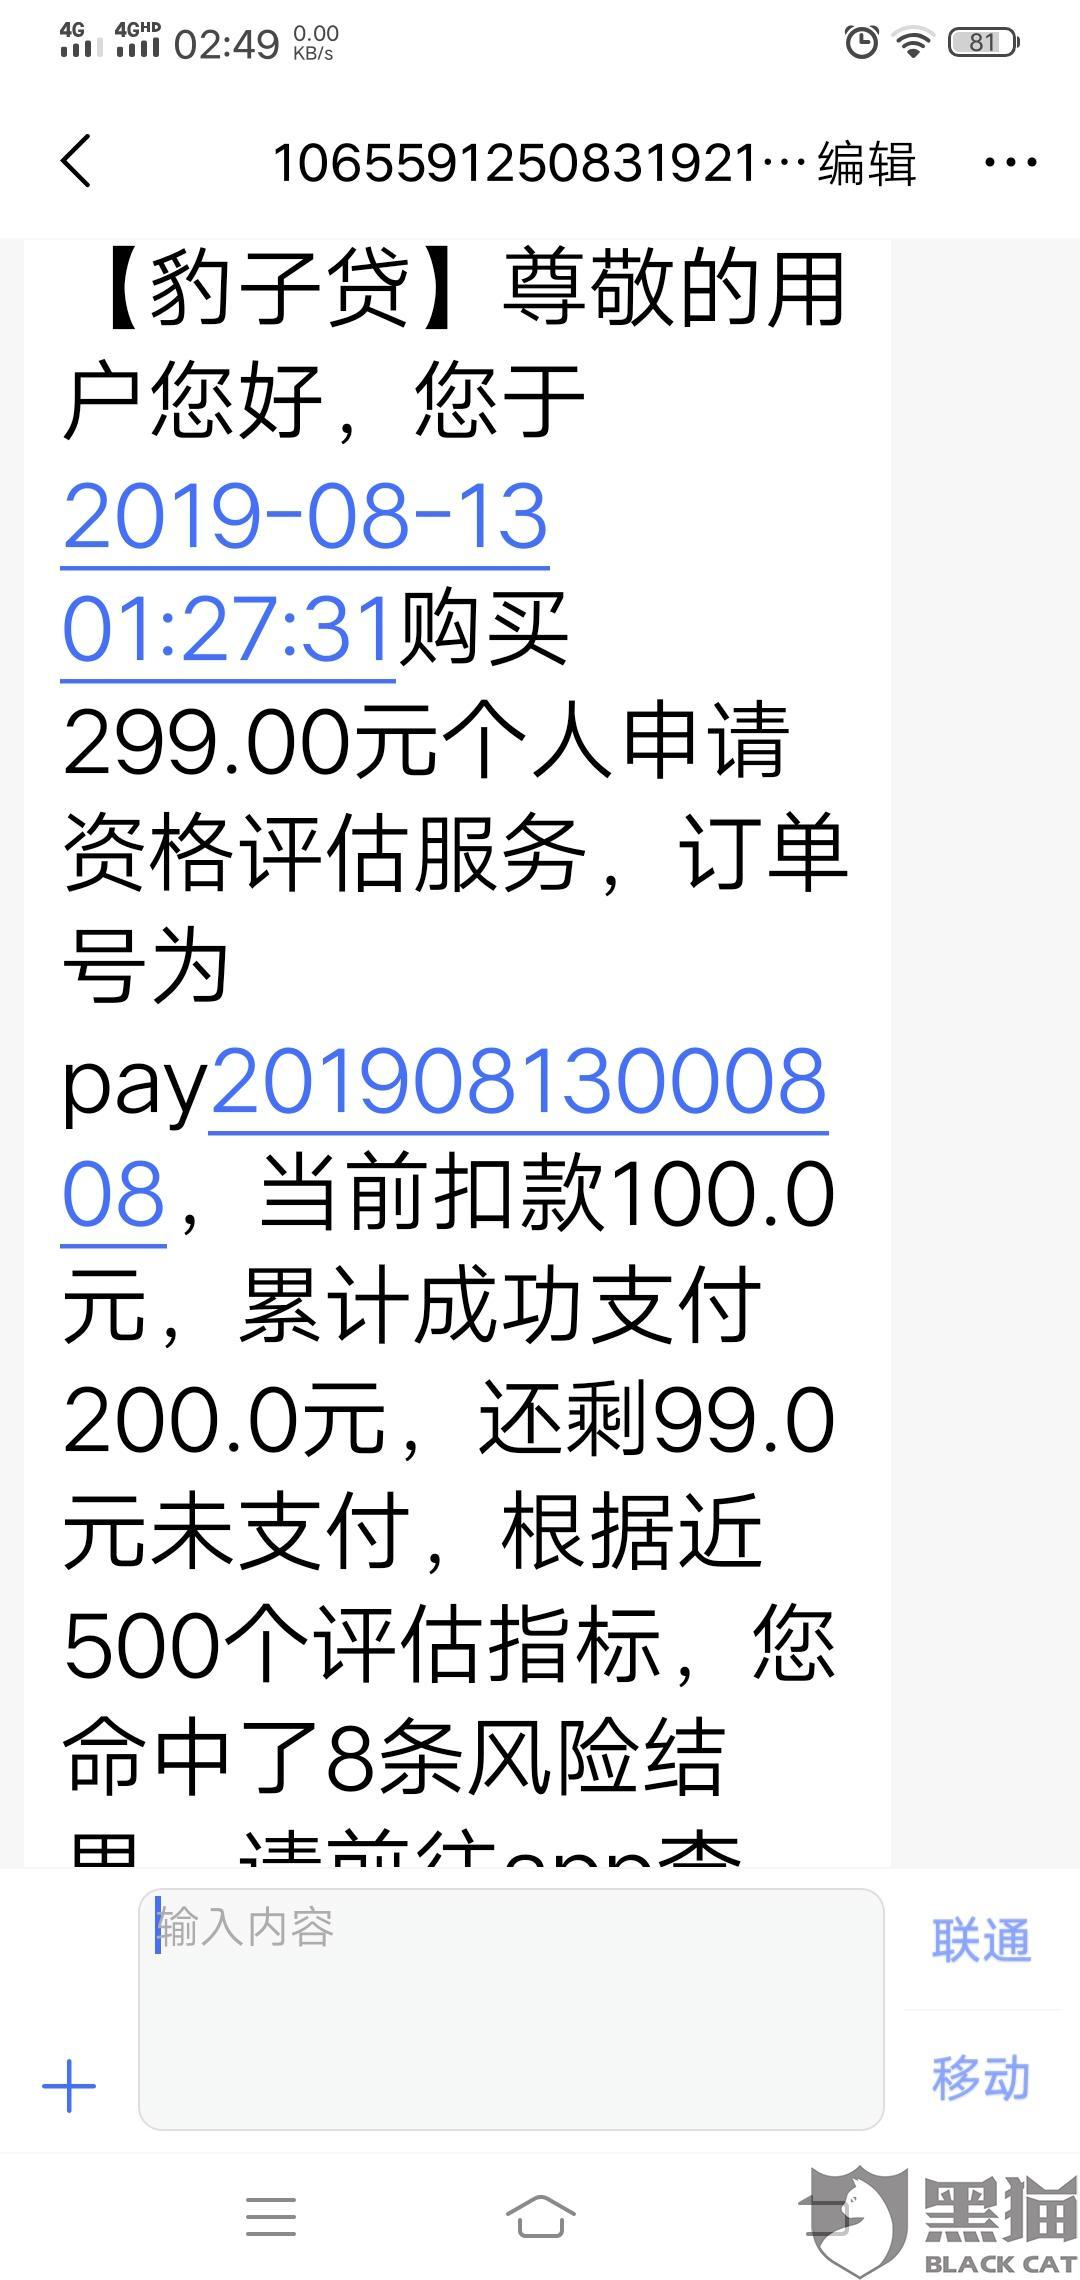 黑猫投诉:上海造艺网络技术有限公司以隐瞒误导的方式欺骗消费者